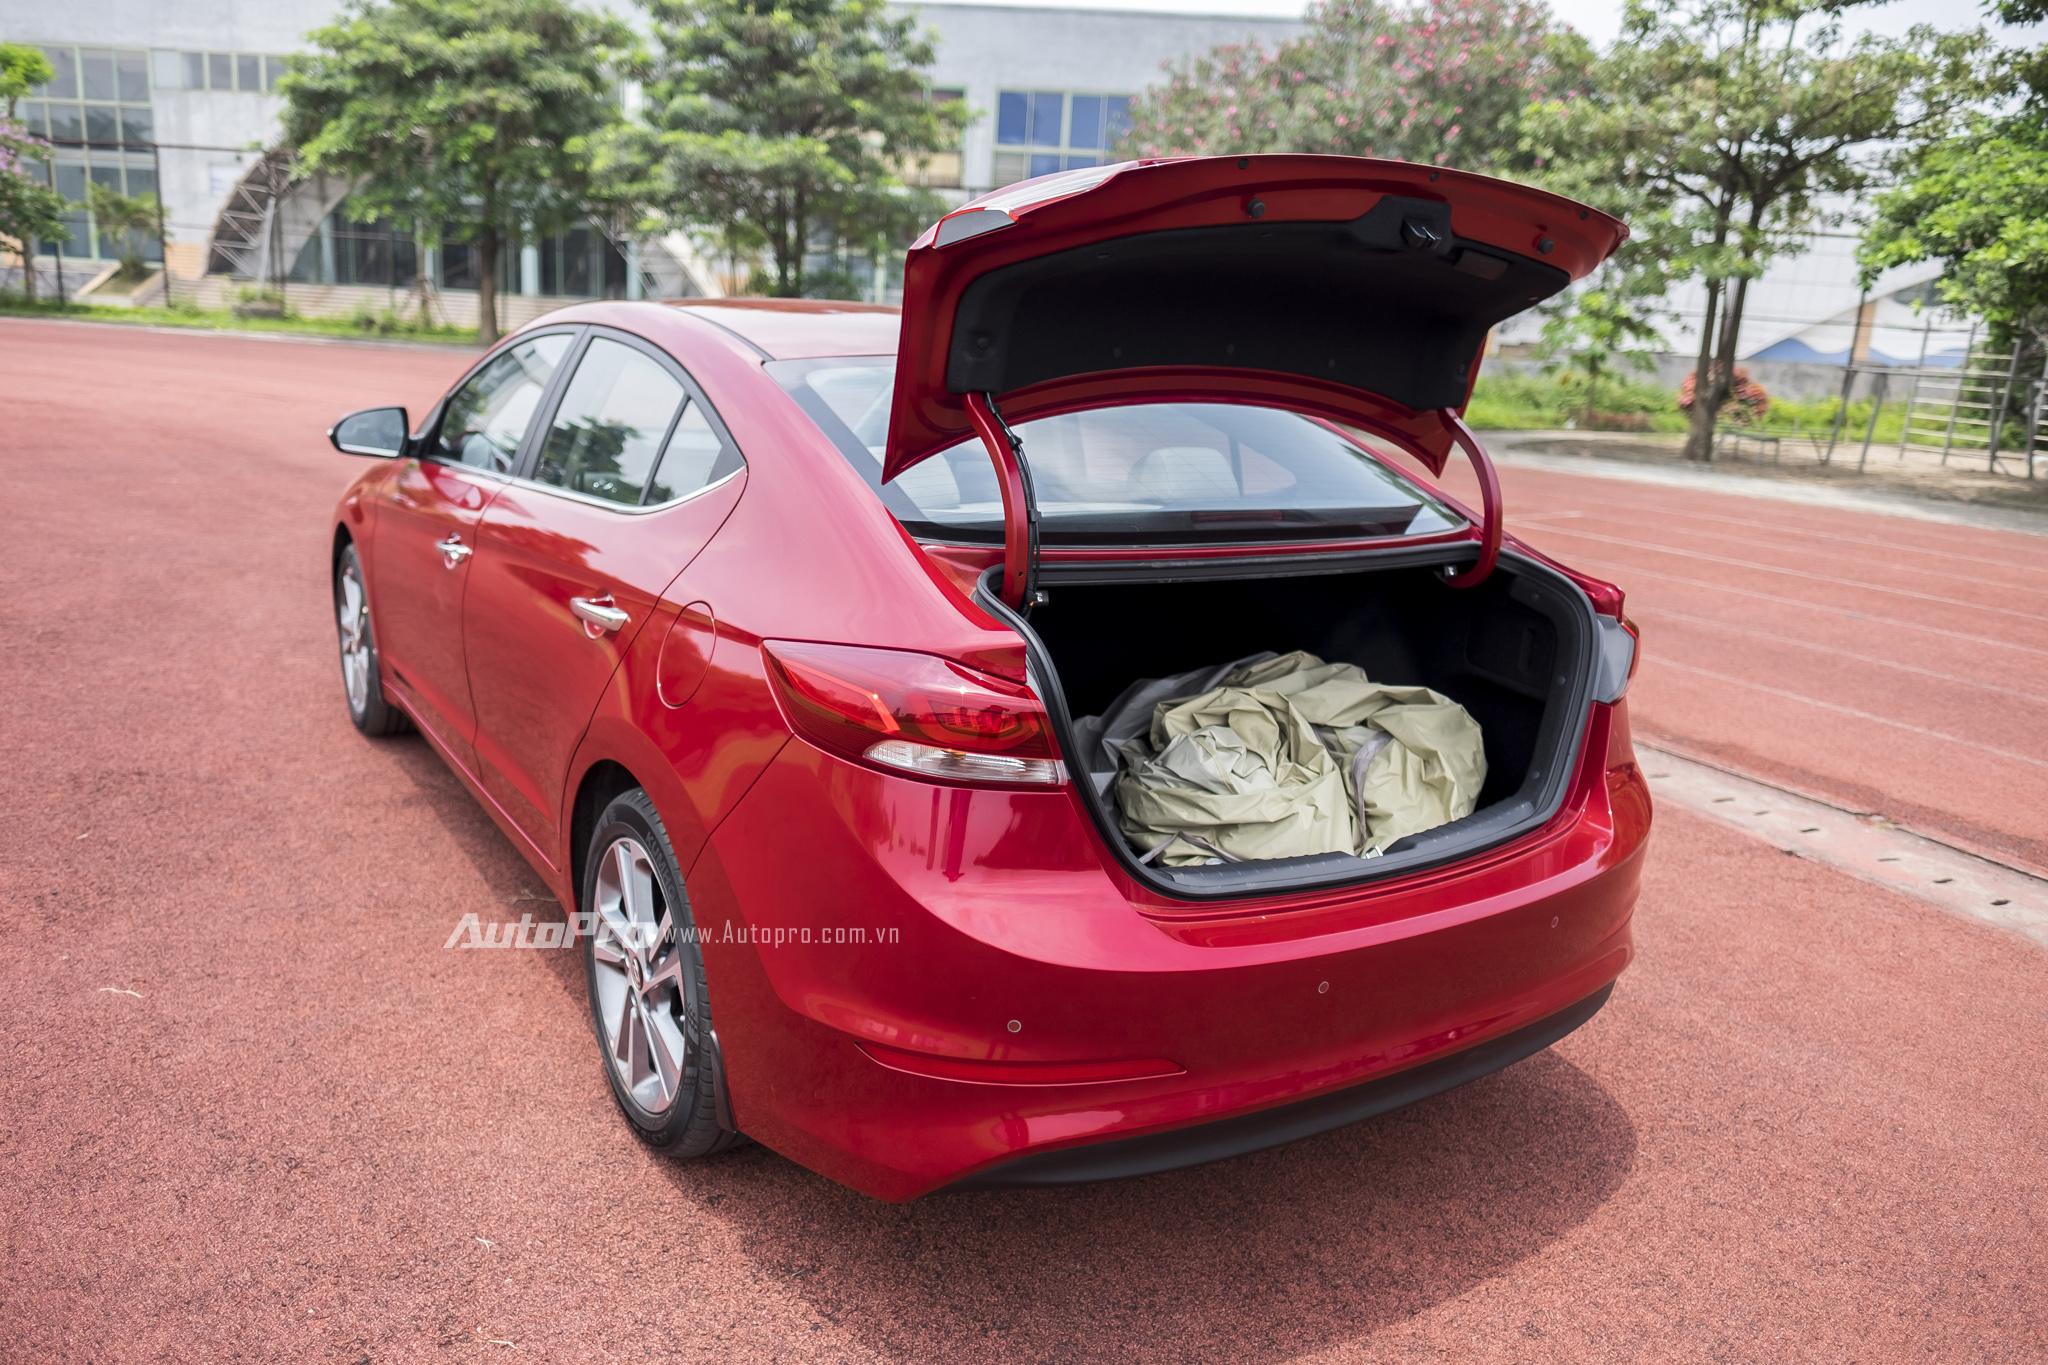 Cốp xe của Hyundai Elantra 2016 có thể điều khiển từ xa bằng chìa khoá.